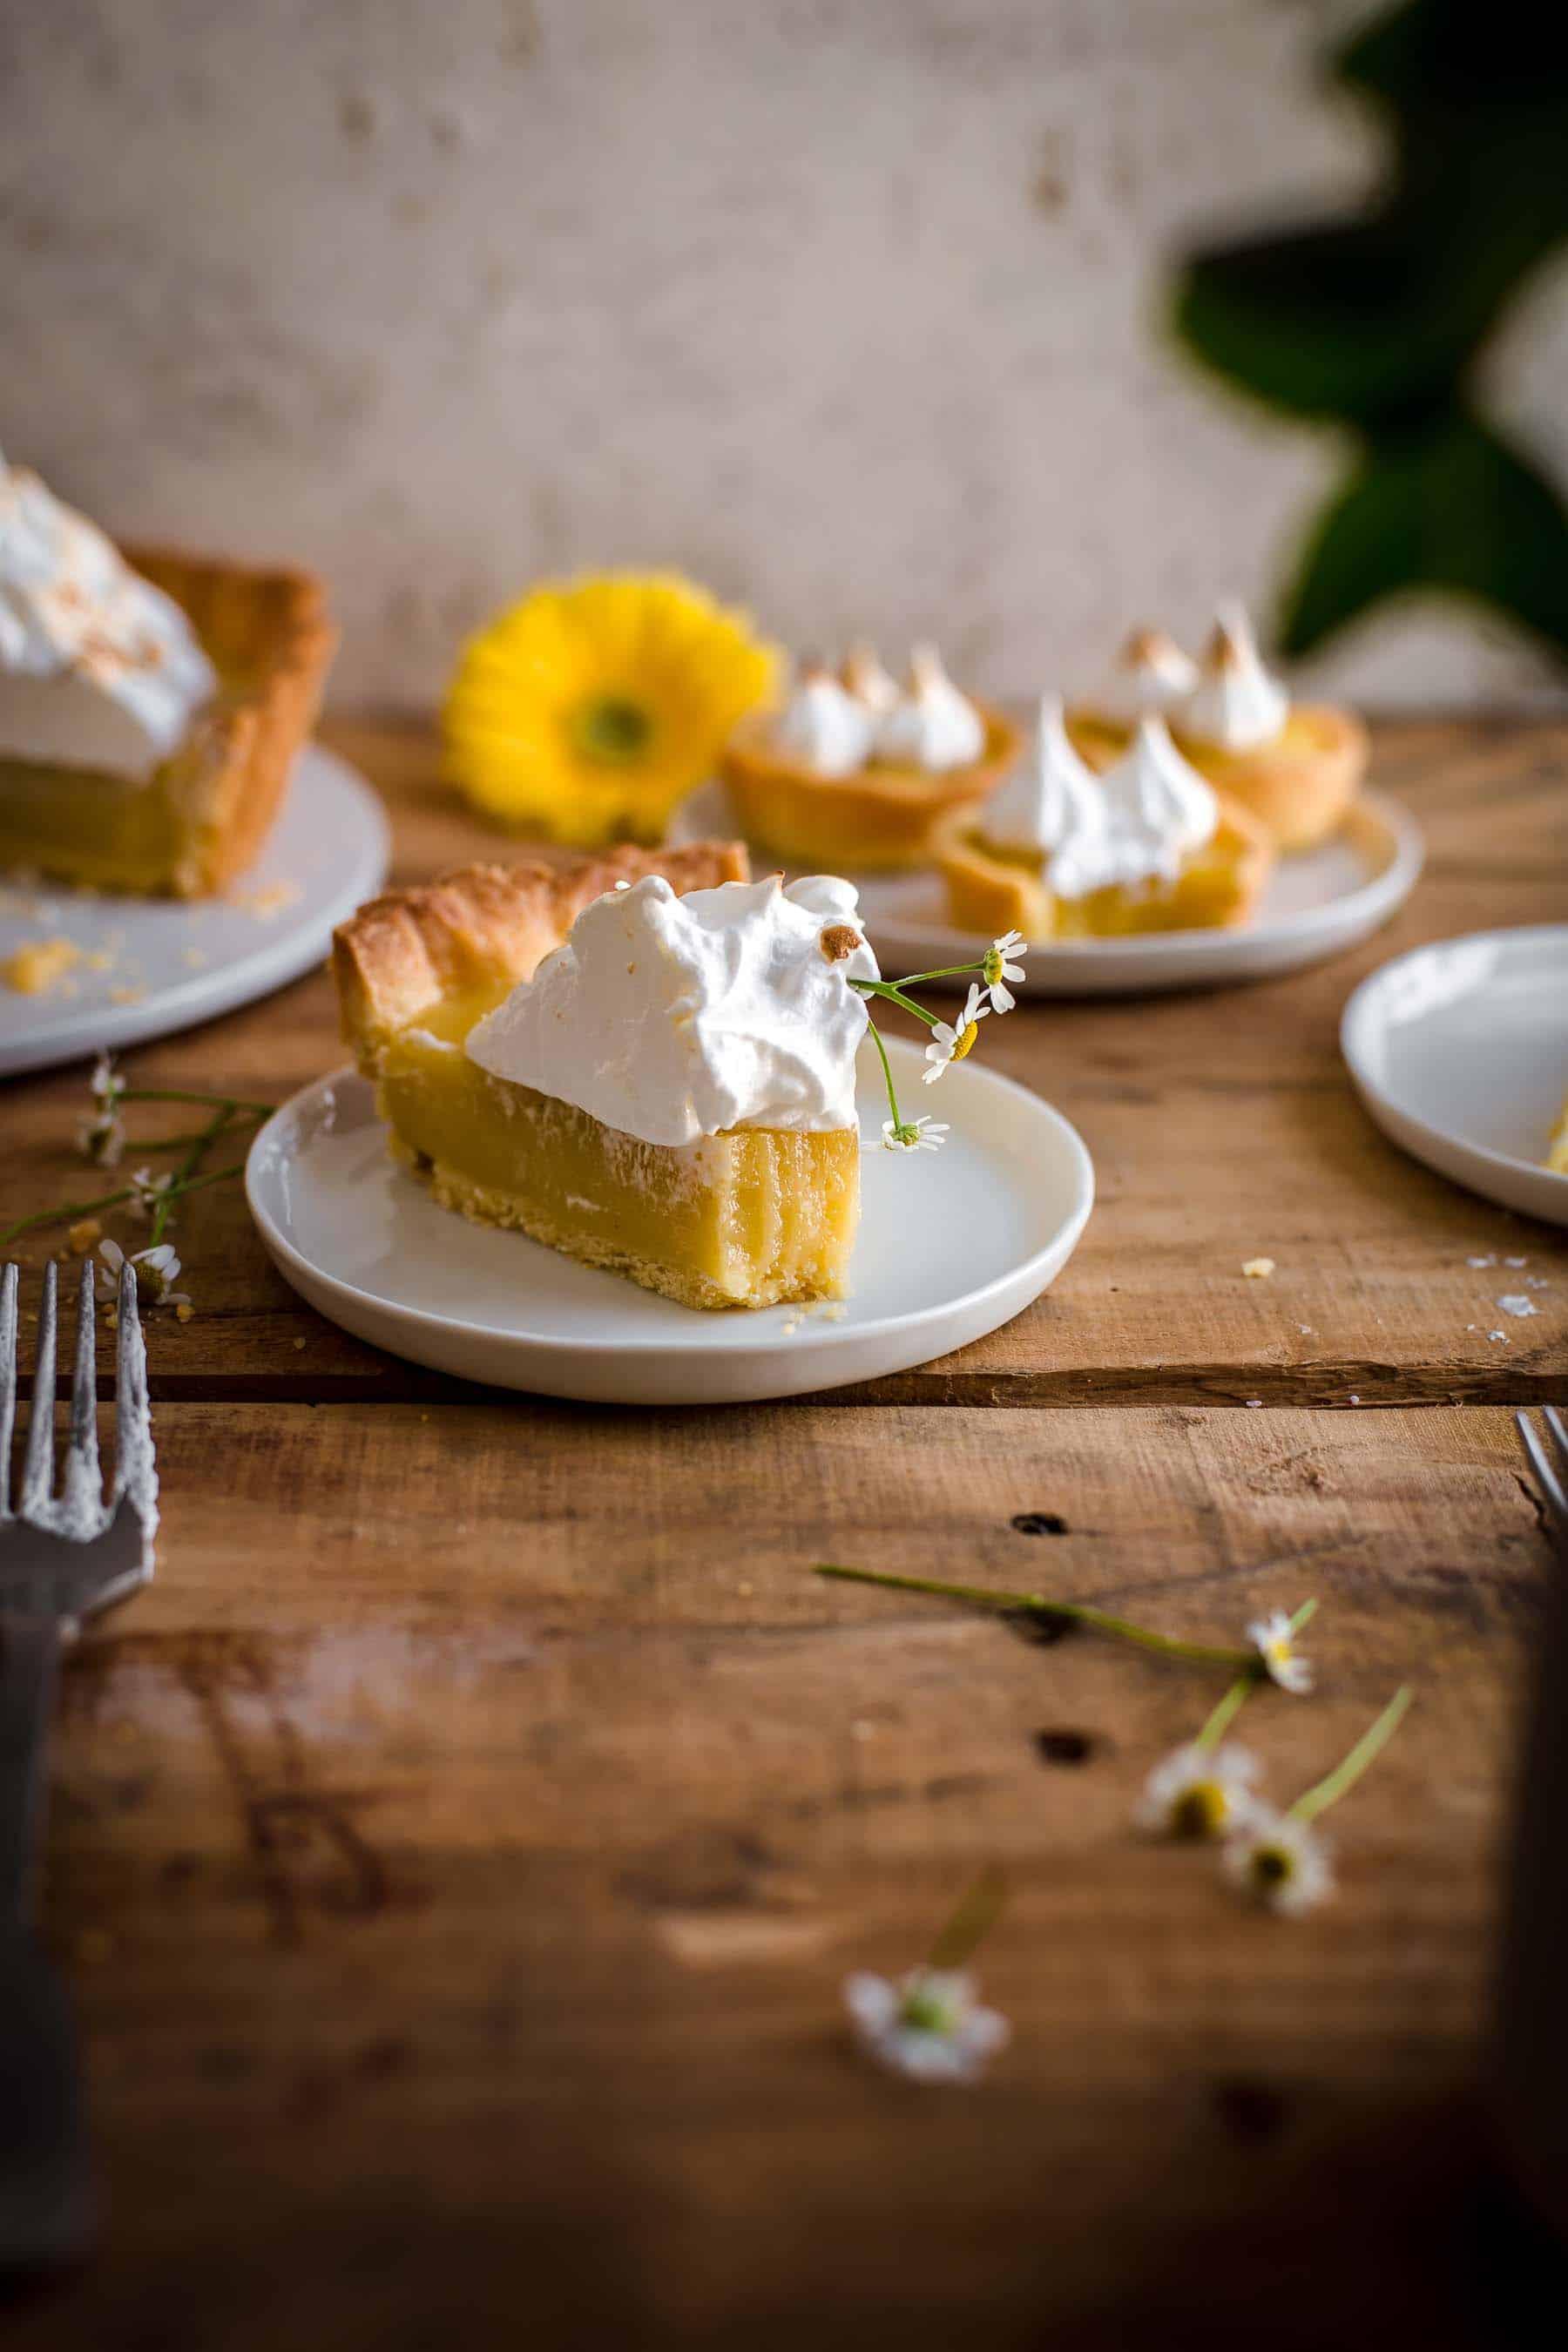 Bitten slice of Lemon Meringue Tart on dessert plate